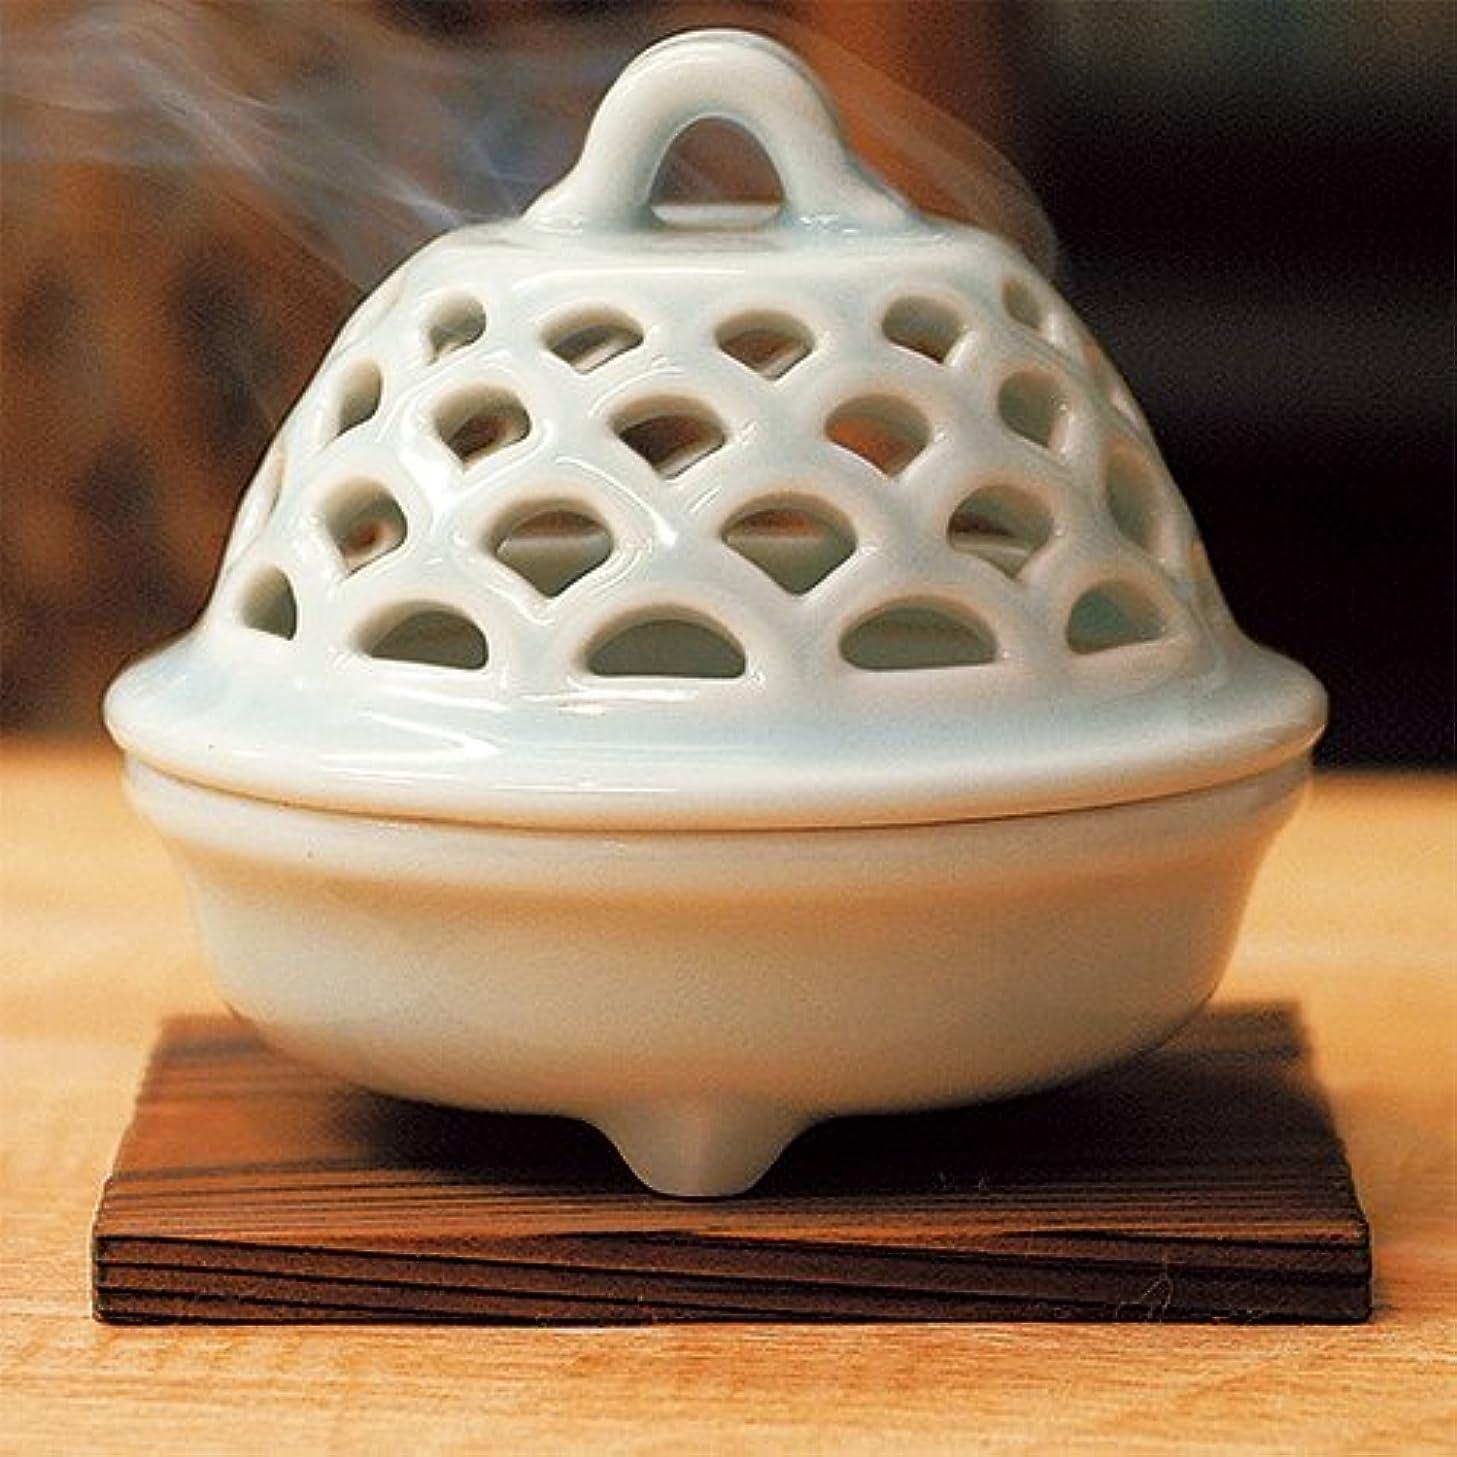 良心追記精査香炉 青磁 透し彫り 香炉 [R9.5xH9cm] プレゼント ギフト 和食器 かわいい インテリア